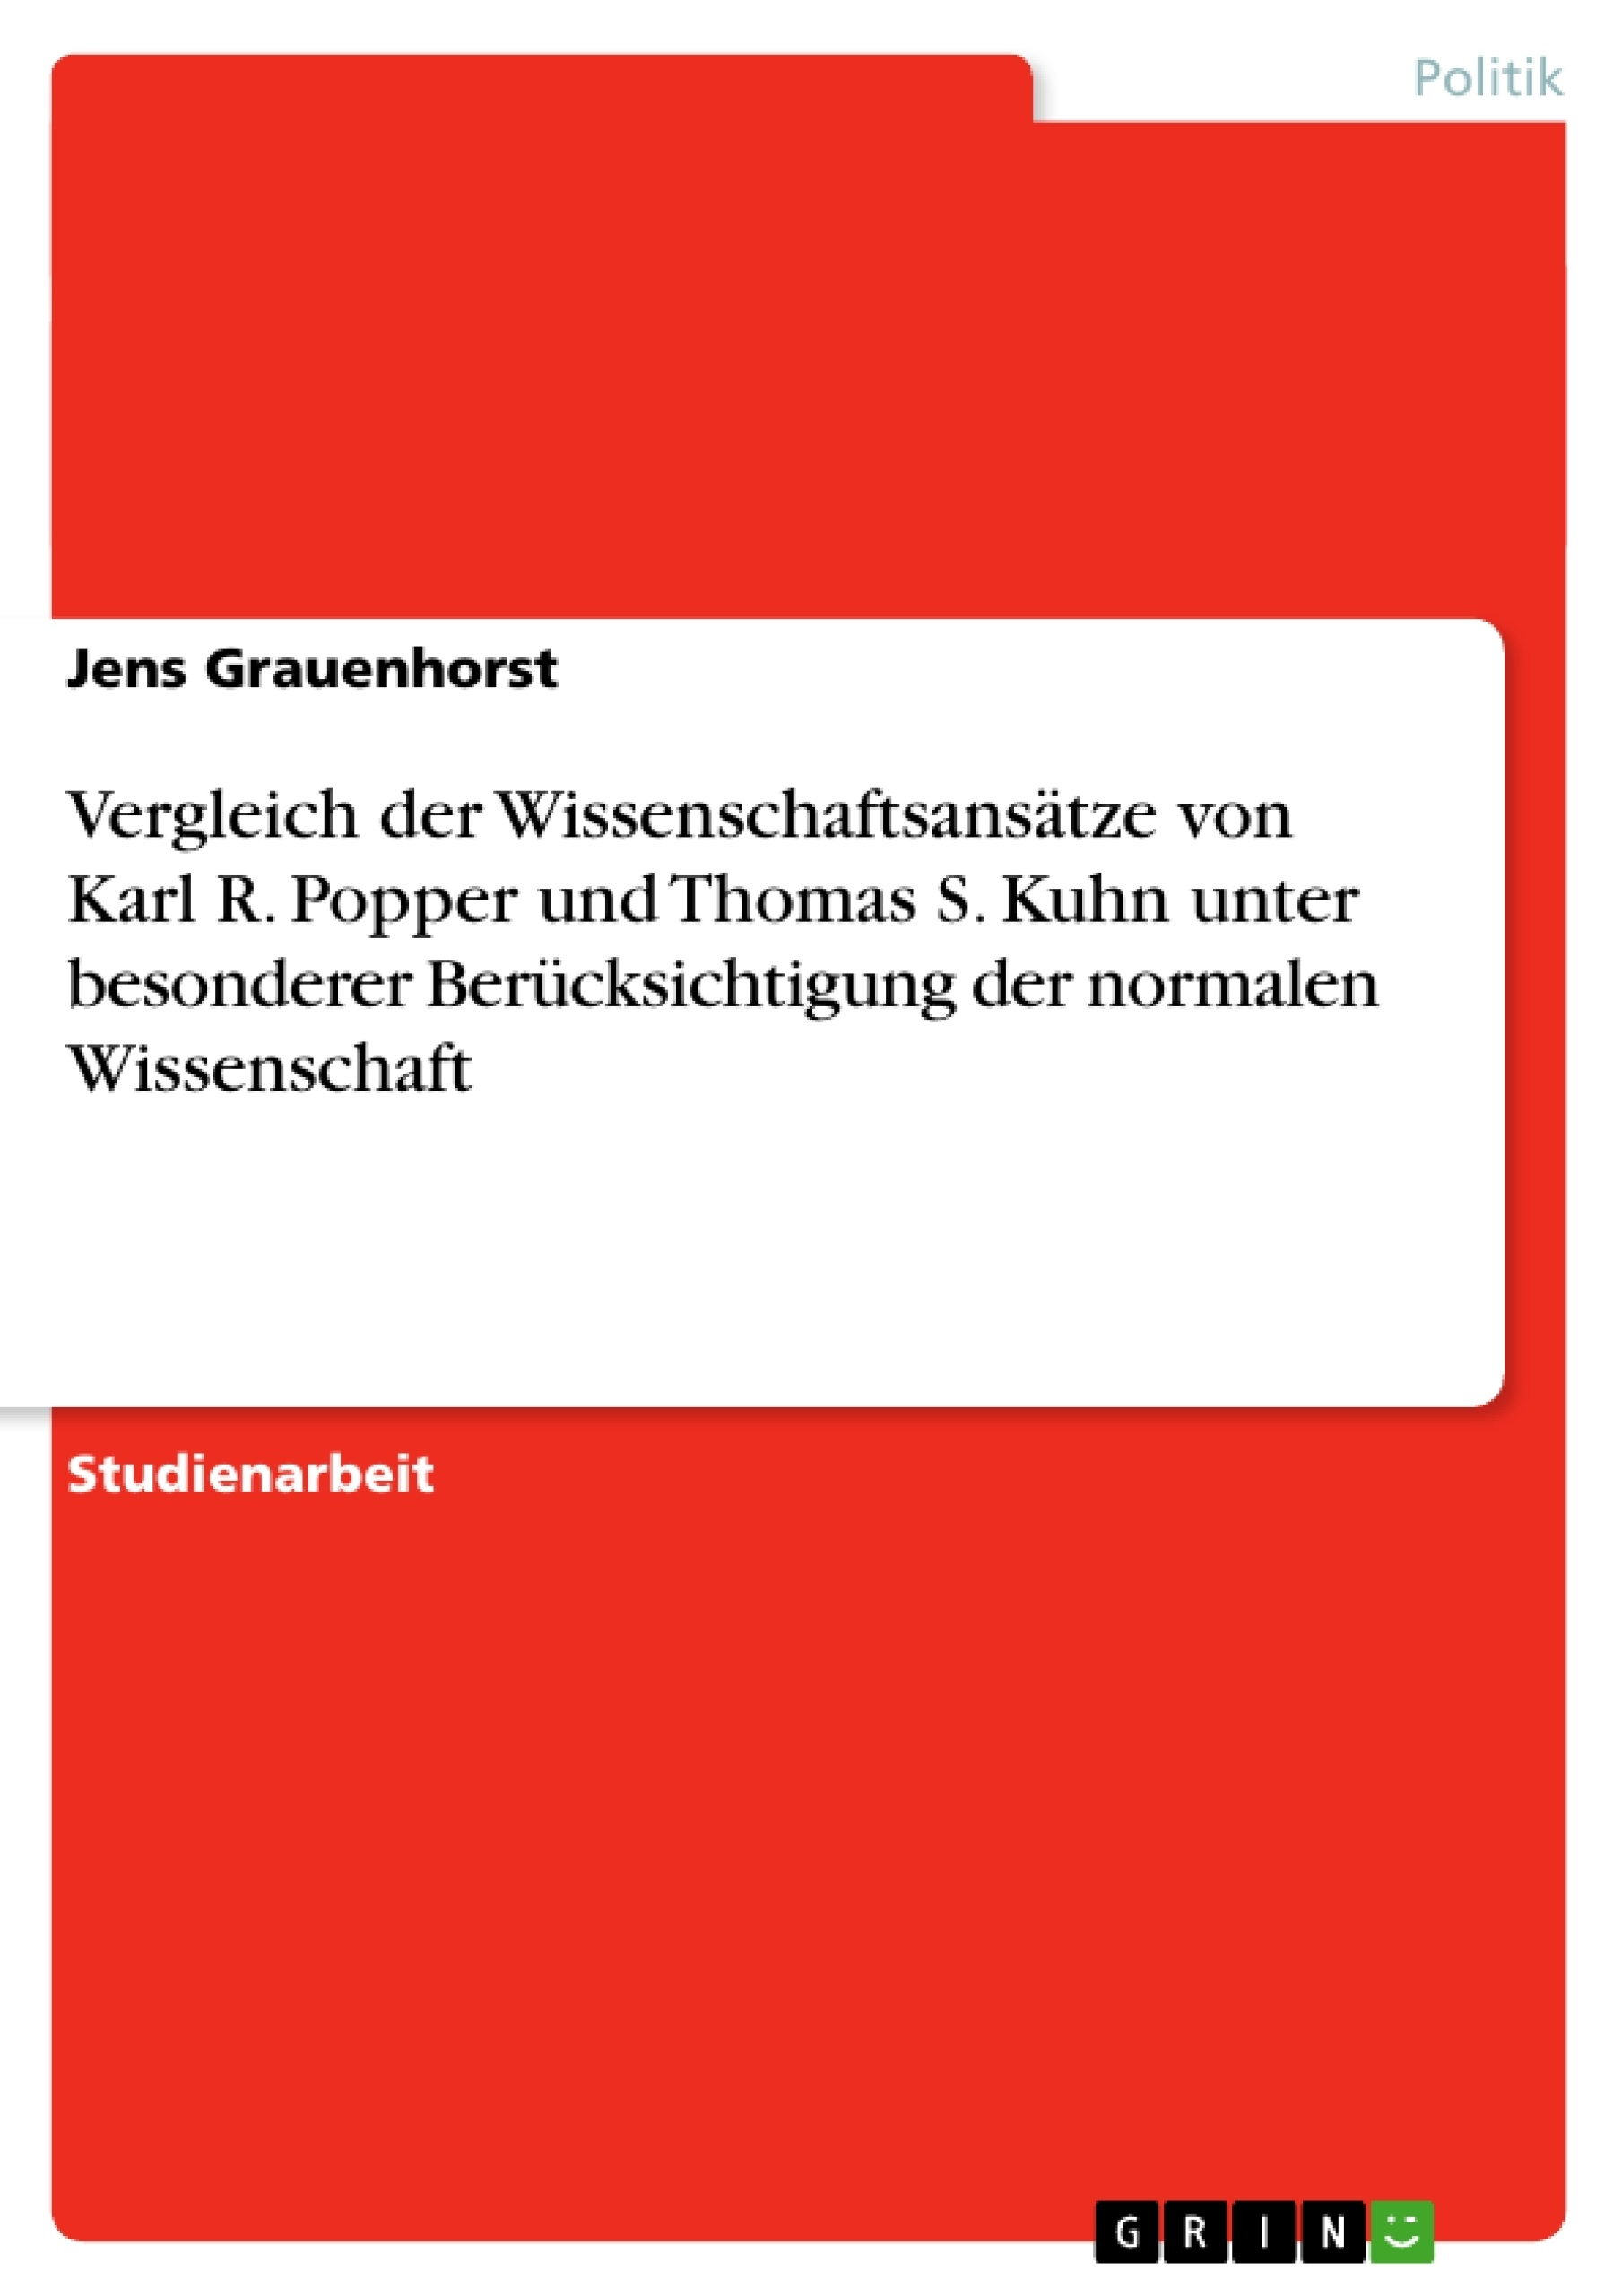 Titel: Vergleich der Wissenschaftsansätze von Karl R. Popper und Thomas S. Kuhn unter besonderer Berücksichtigung der normalen Wissenschaft